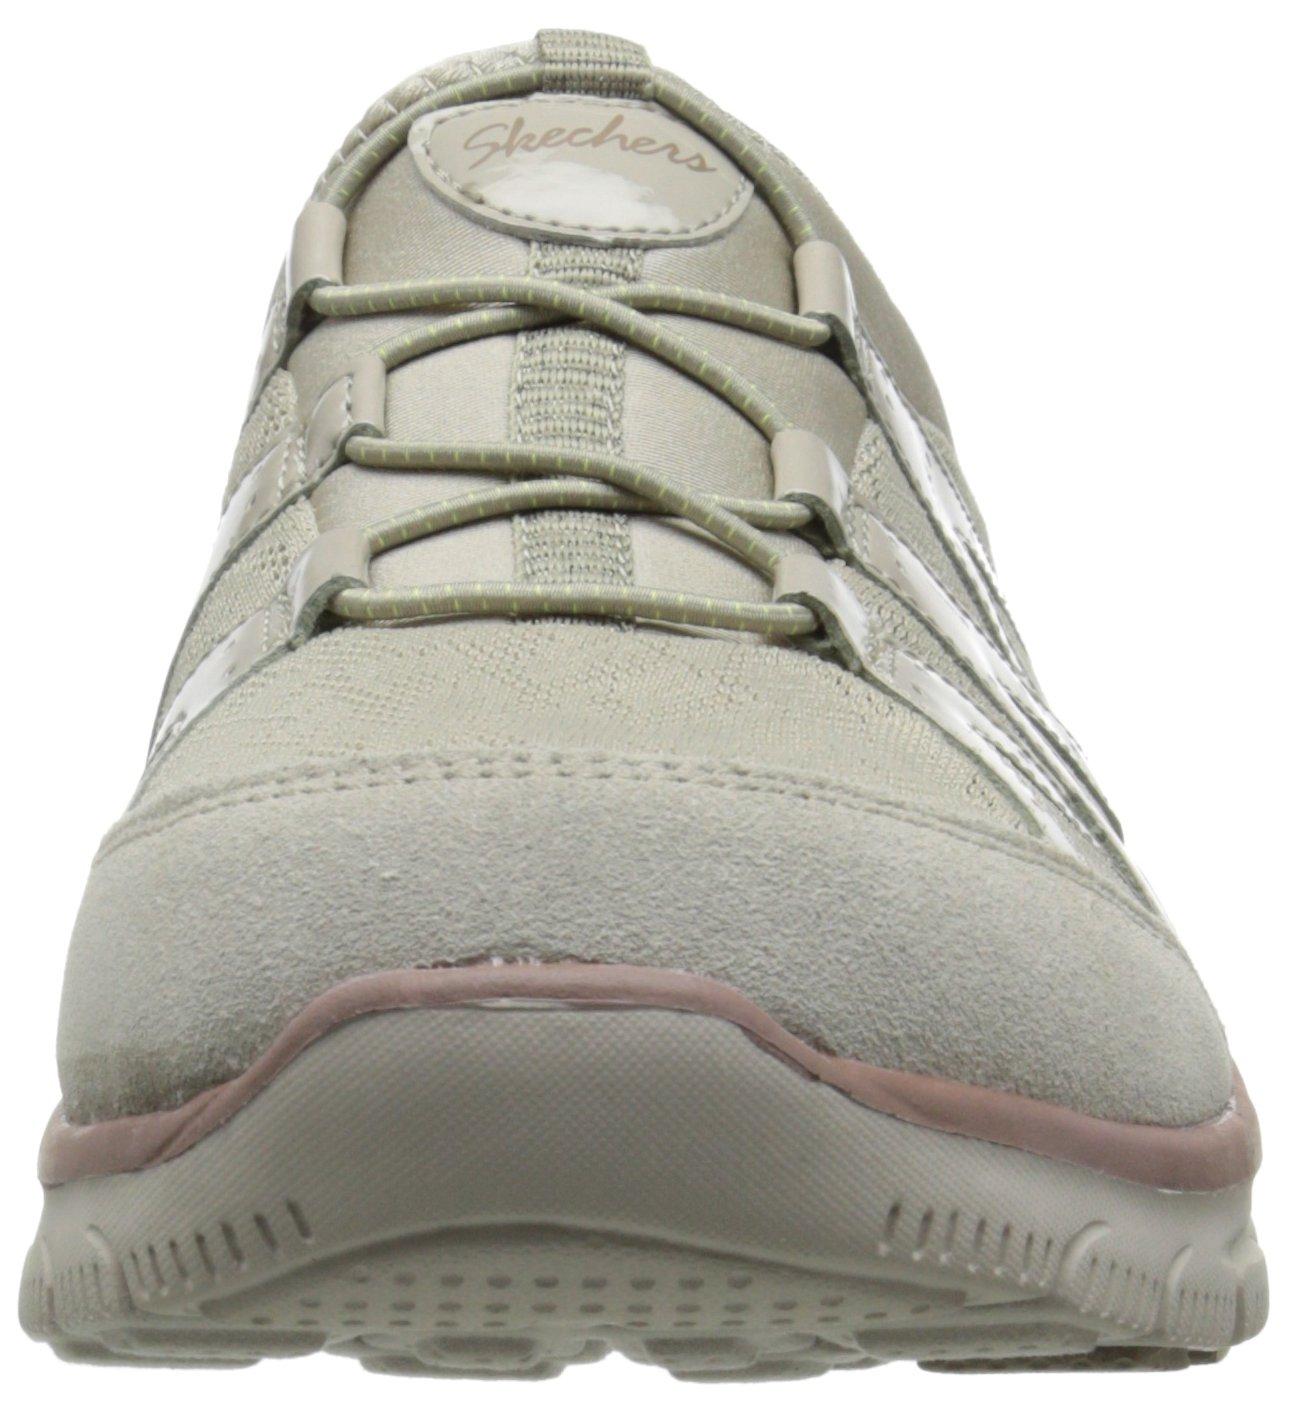 Skechers 14177, Sneakers Basses Femme - Gris - Gris, 38 EU (M)